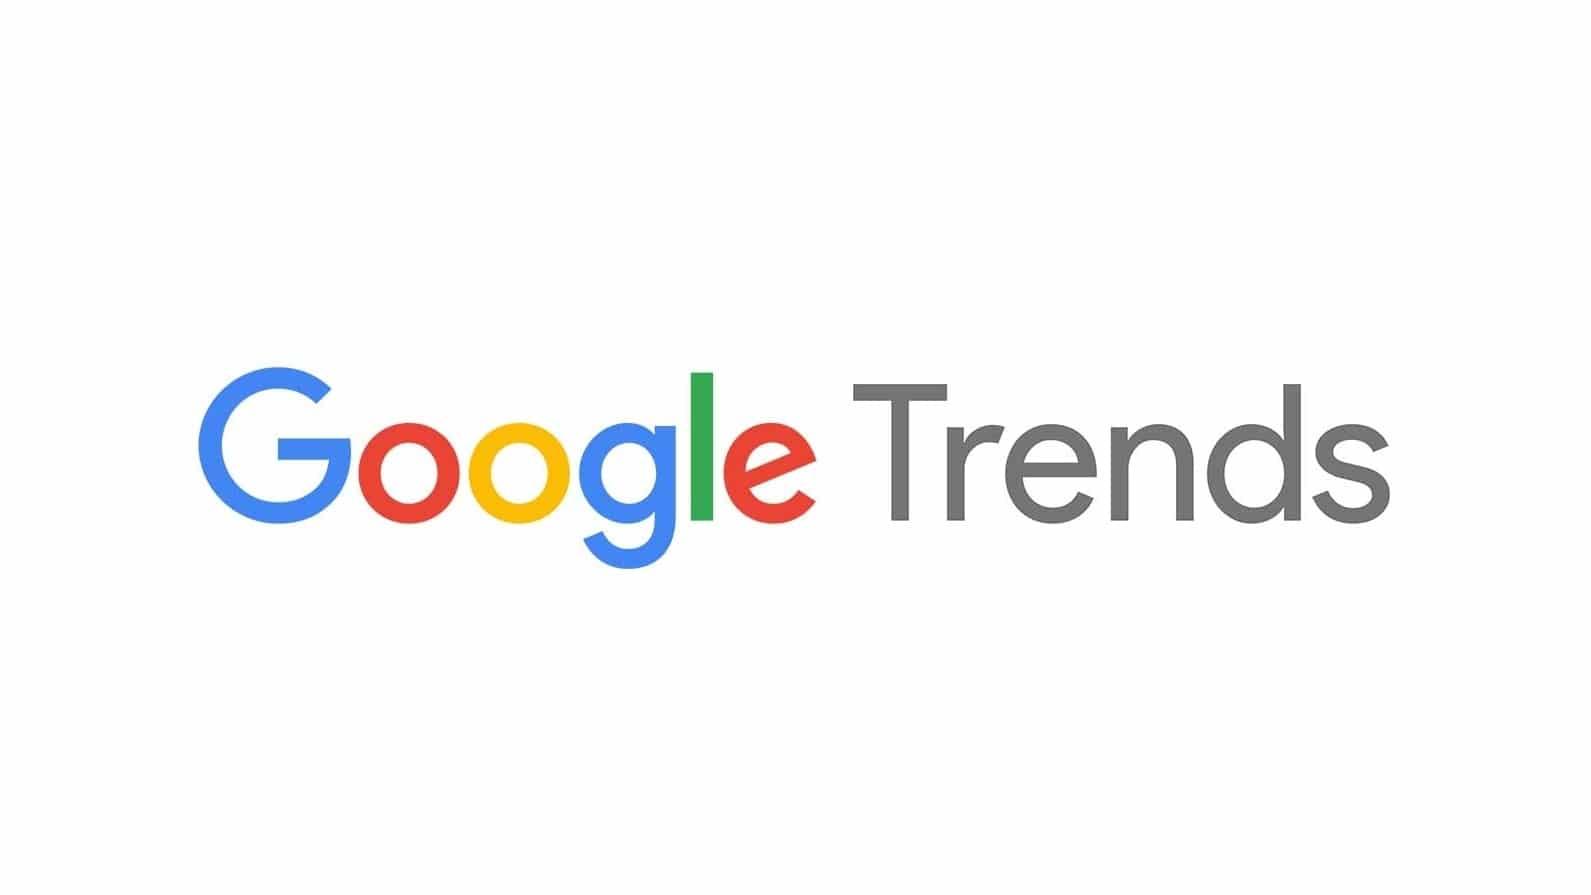 Come utilizzare Google trends?